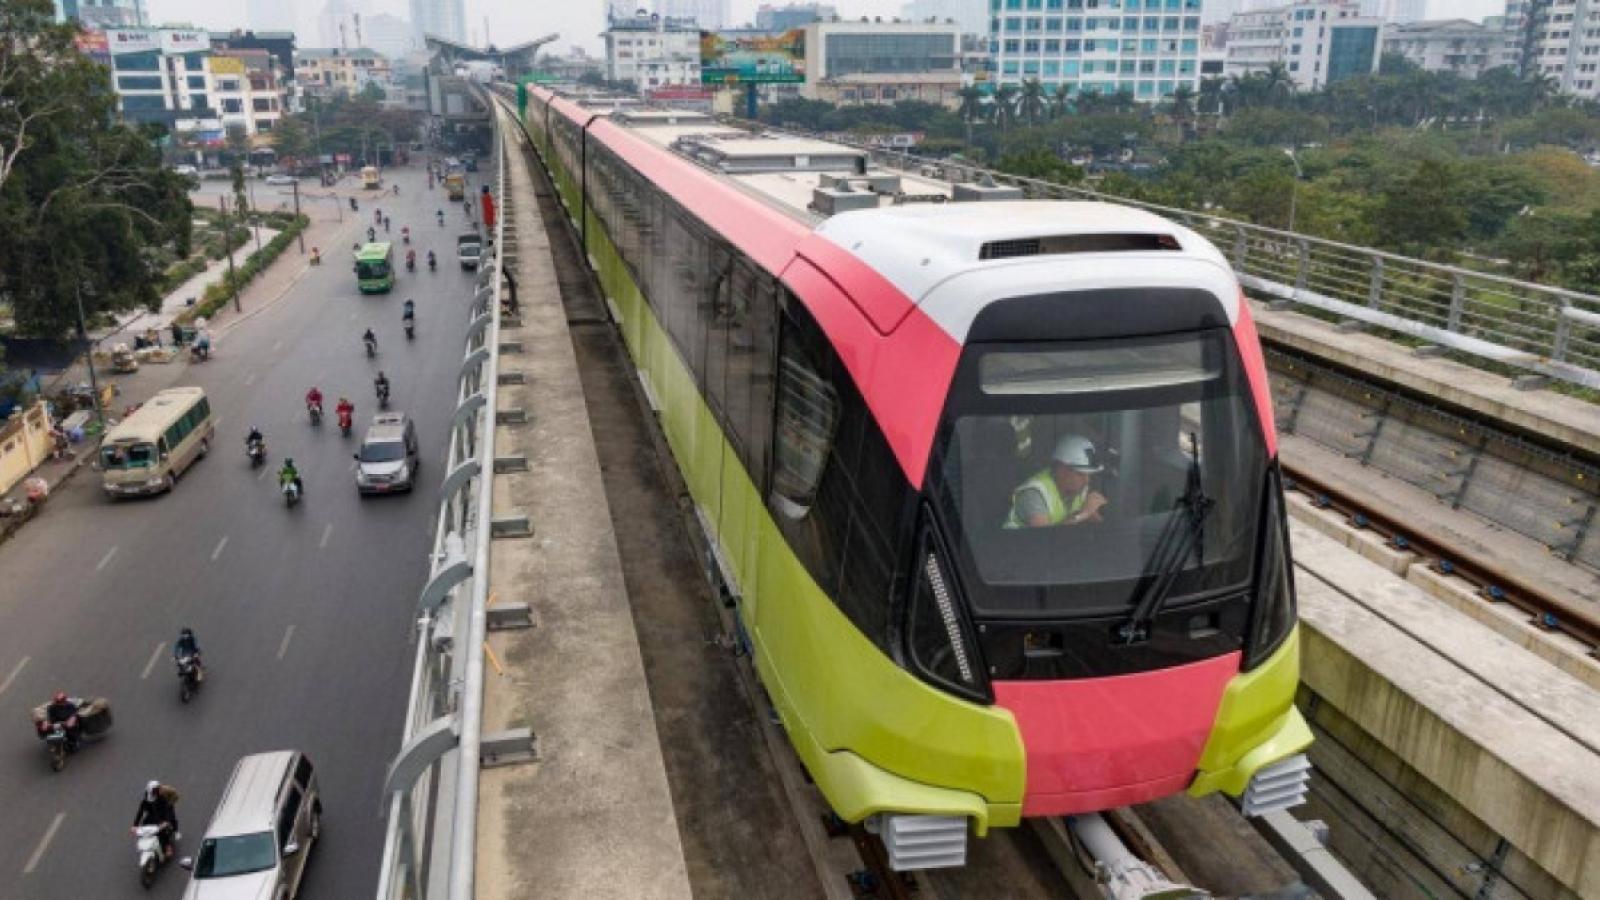 Sáng nay (1/7), đoàn tàu Nhổn - ga Hà Nội bắt đầu chạy thử nghiệm an toàn